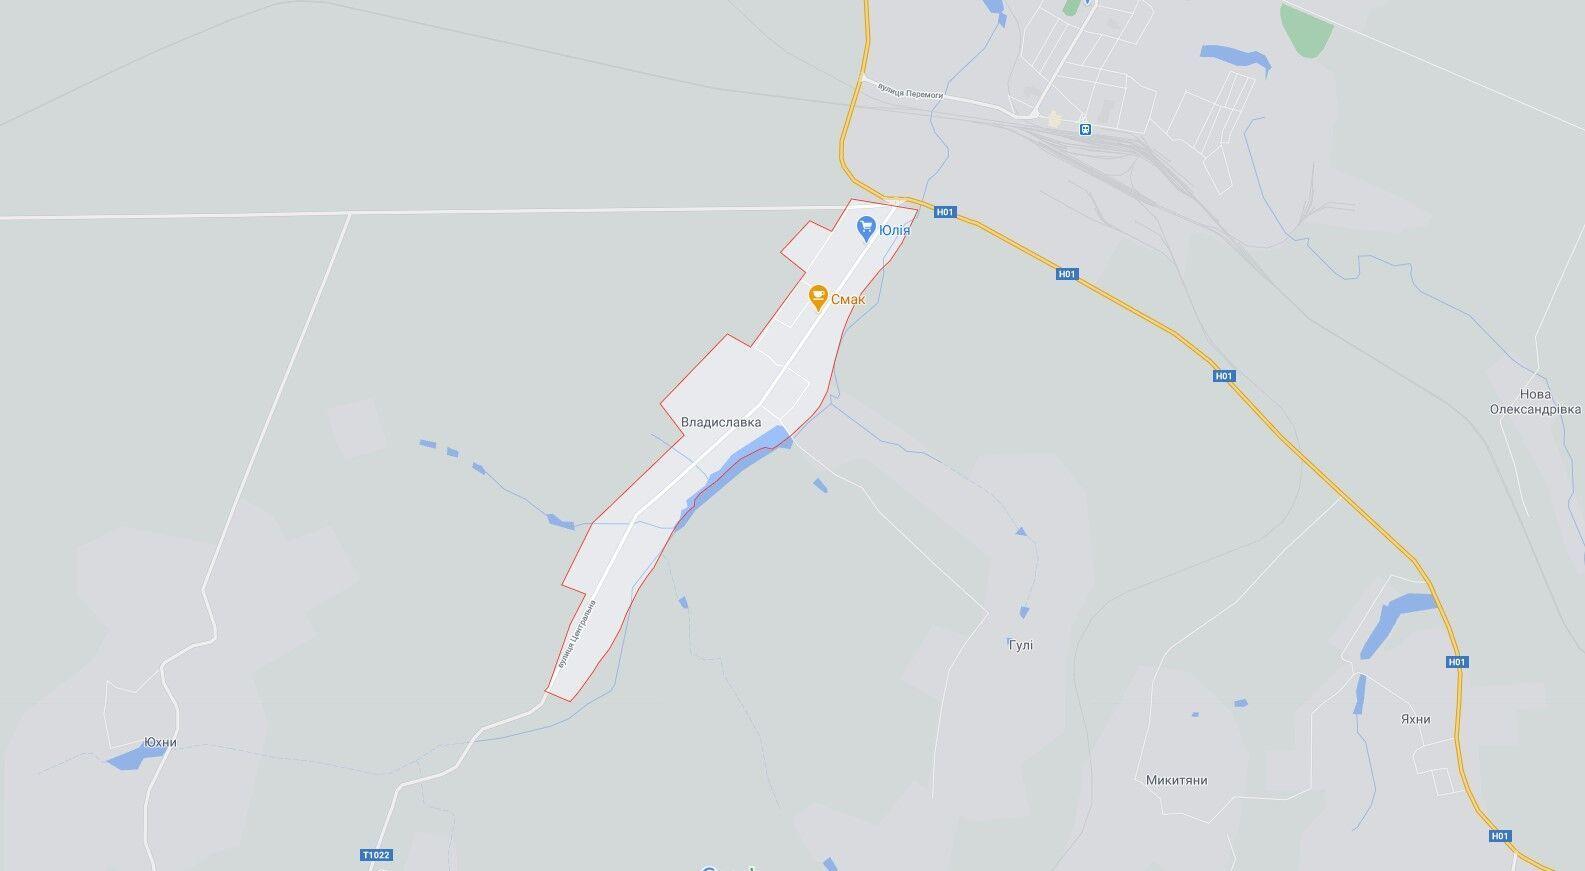 ДТП сталася у селі Владиславка Київської області.